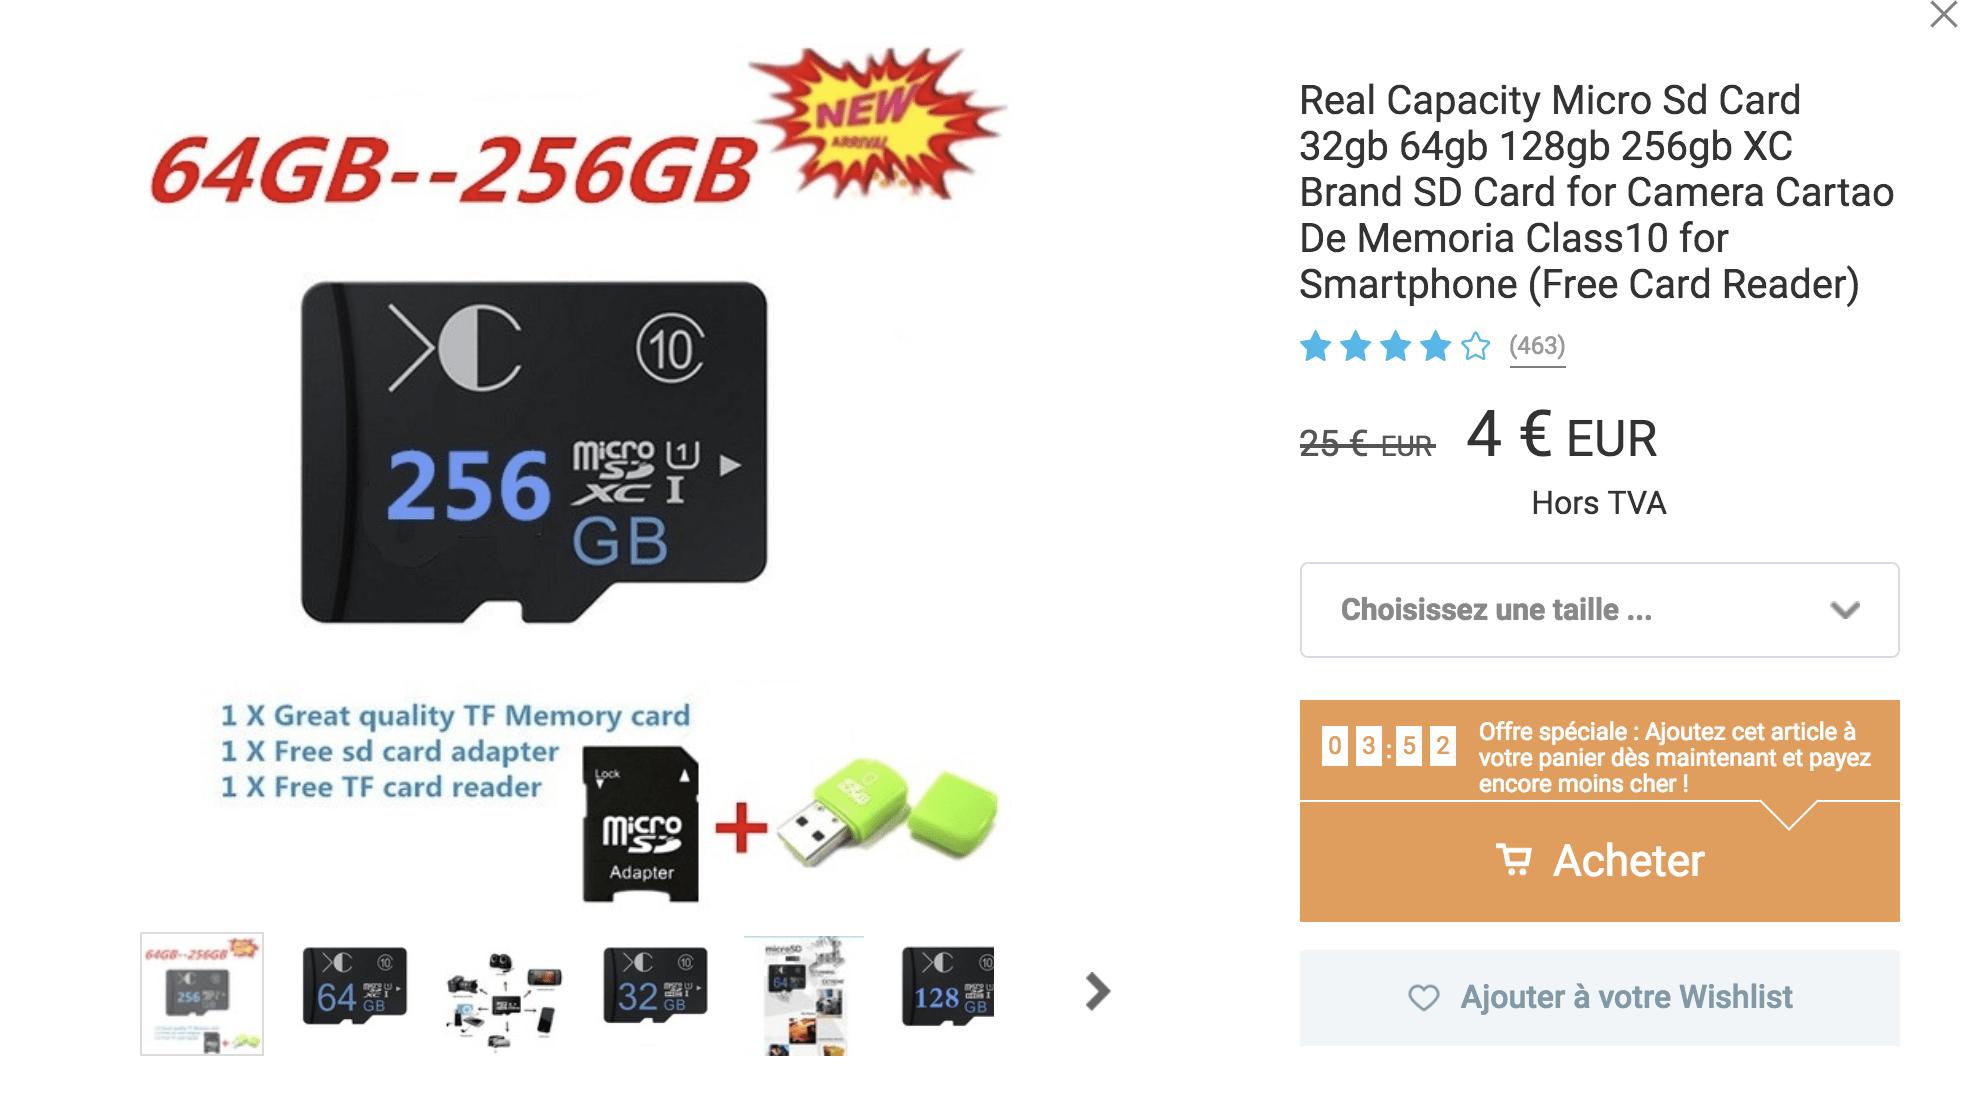 Une carte microSD à 4 euros ? Go go go !